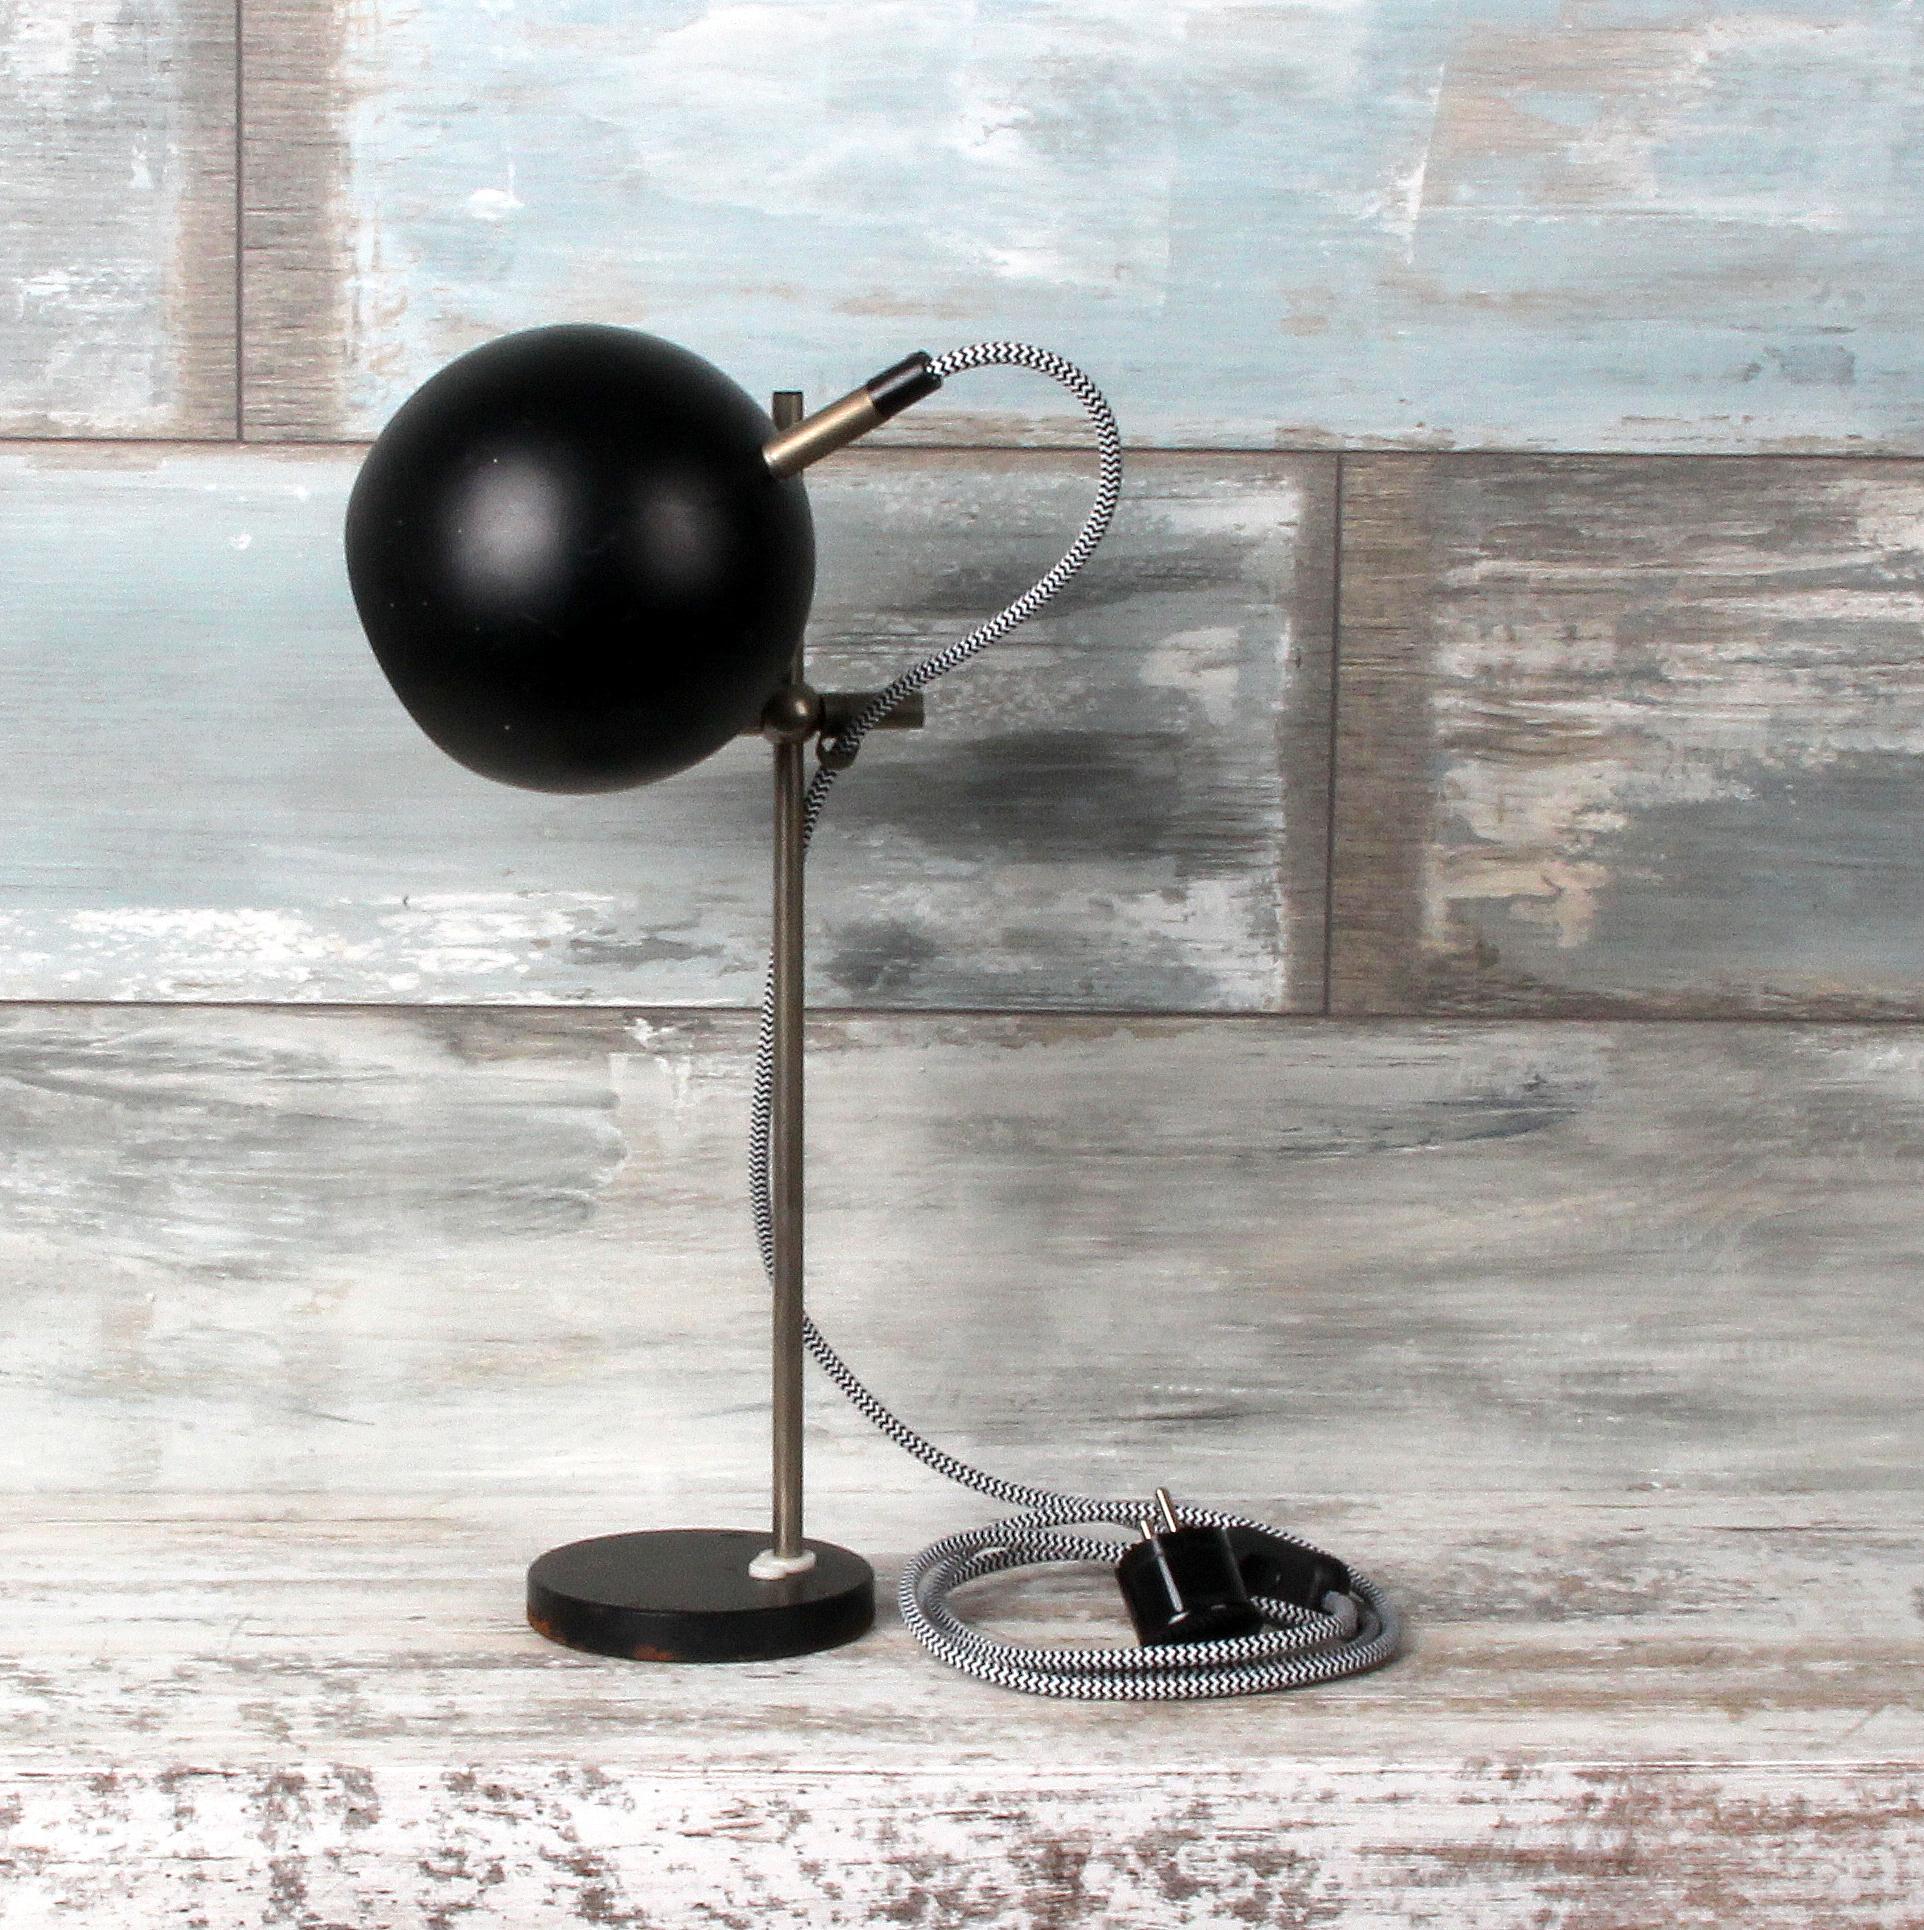 70ger jahre kugel lampe schwarz mit textilkabel zick zack schwarz wei 1 radio k lsch hamburg. Black Bedroom Furniture Sets. Home Design Ideas